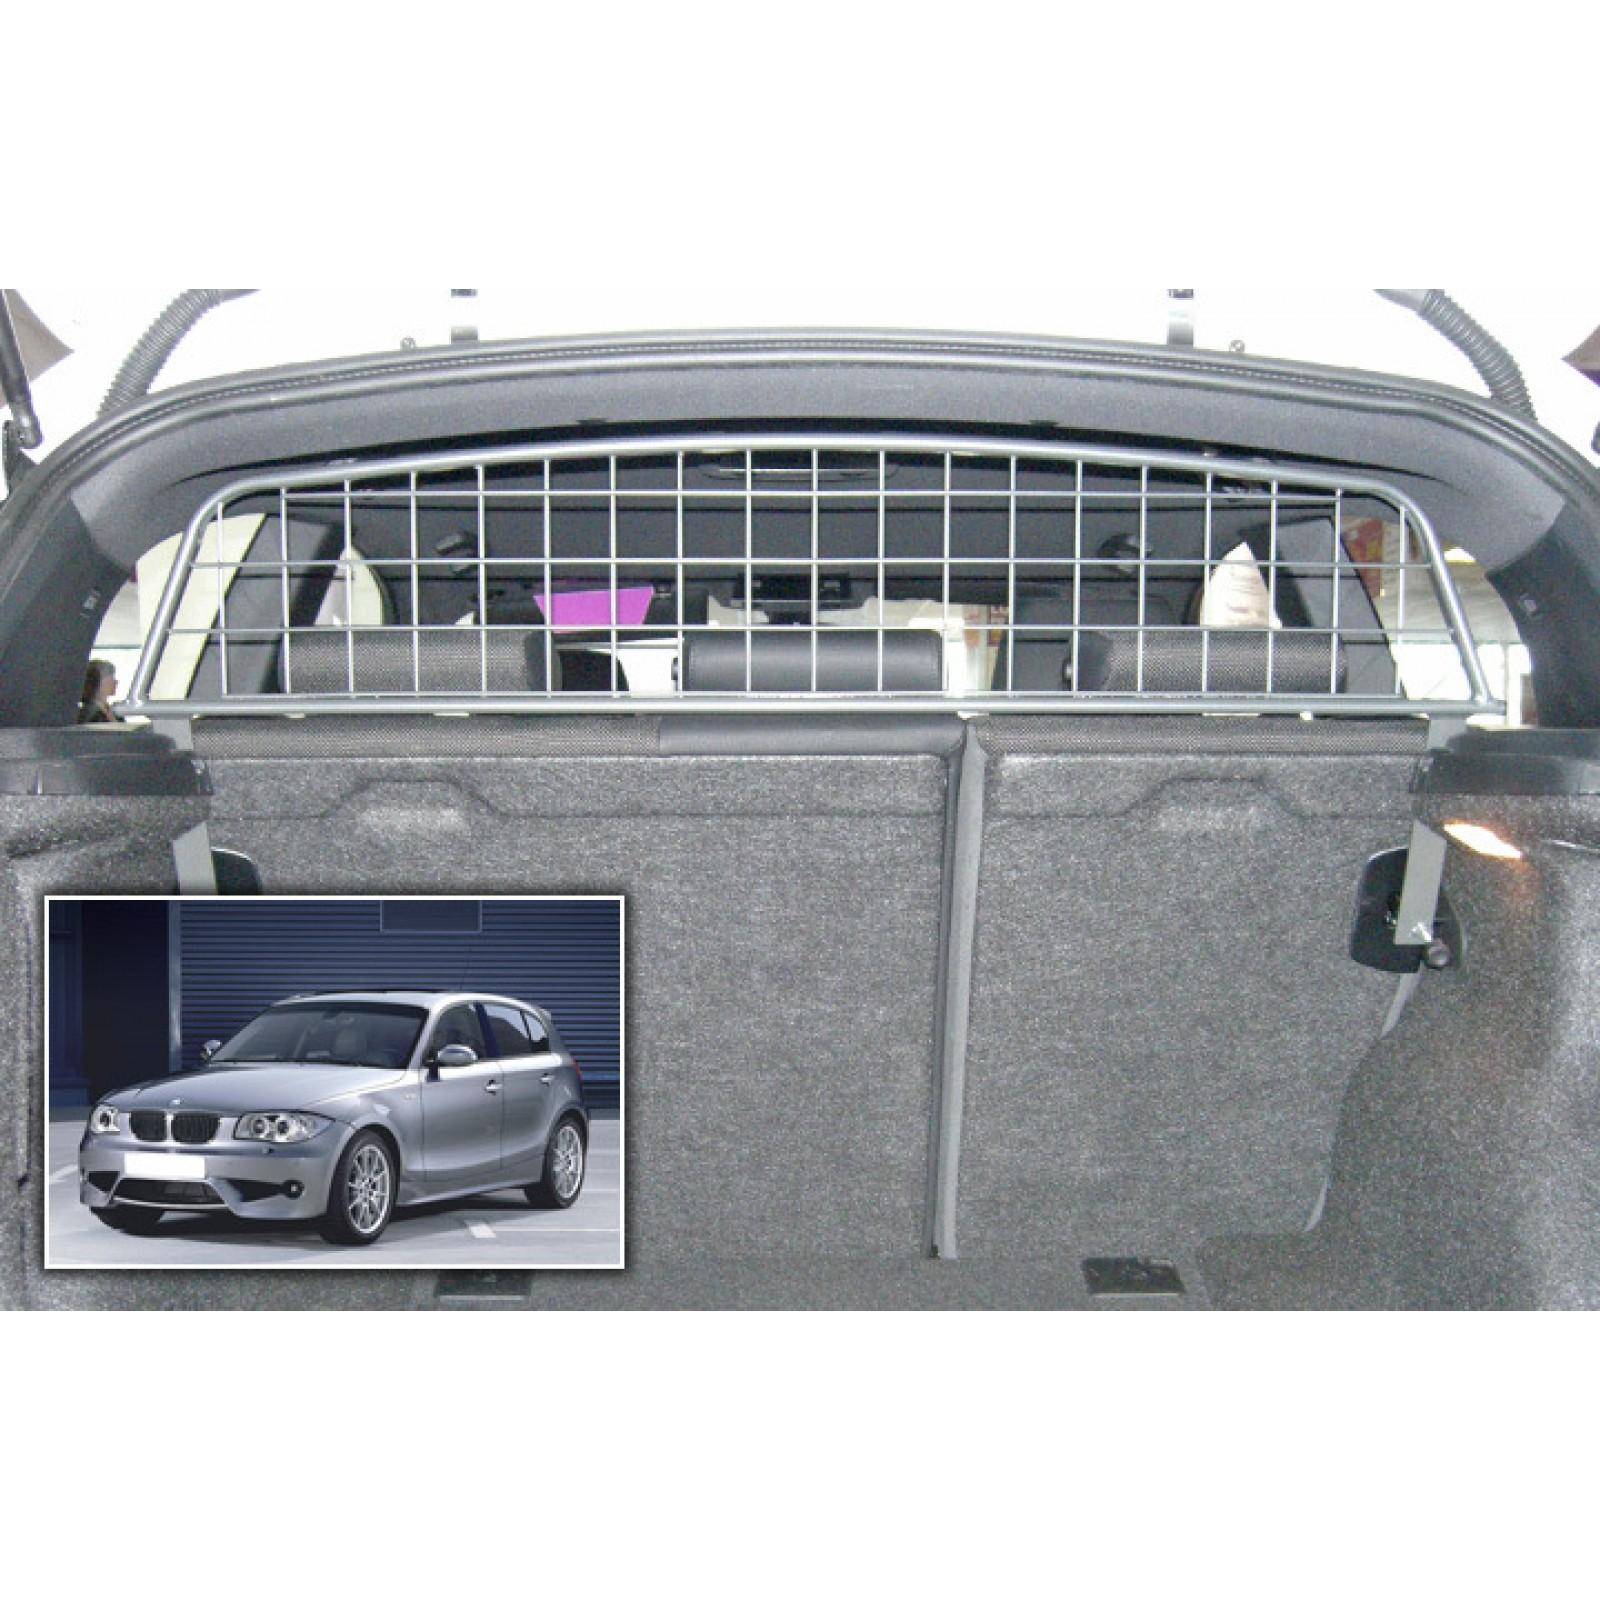 grille de s paration pour bmw 1 s ries 3 5 portes. Black Bedroom Furniture Sets. Home Design Ideas